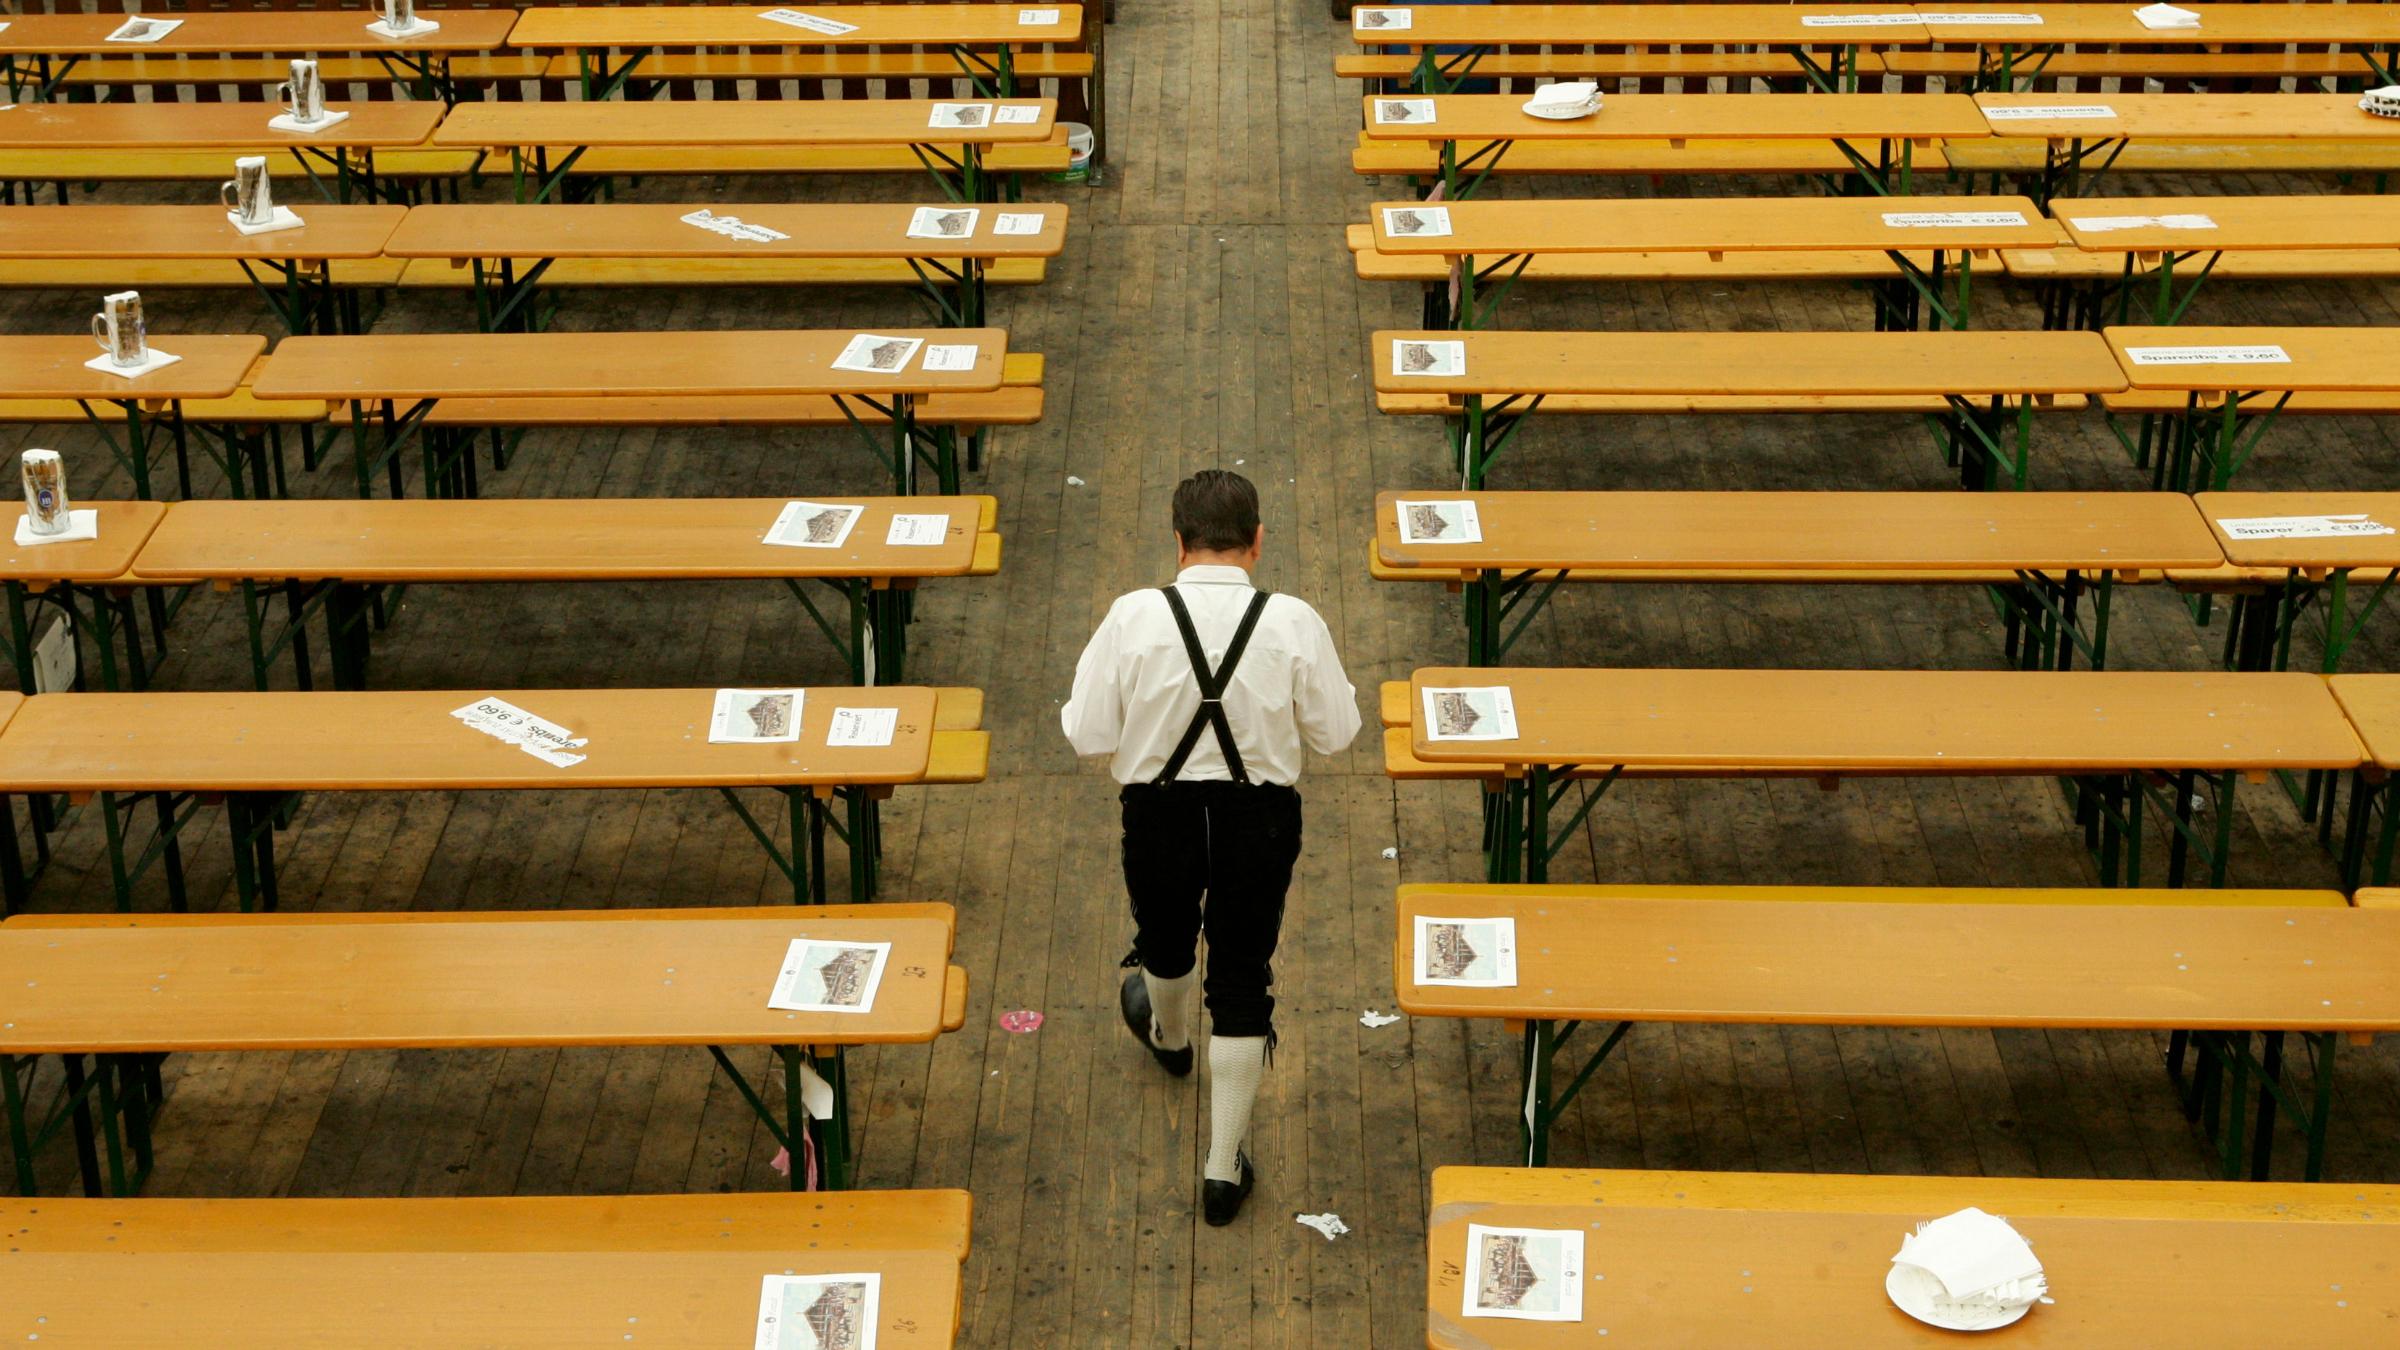 Oktoberfest wooden tables